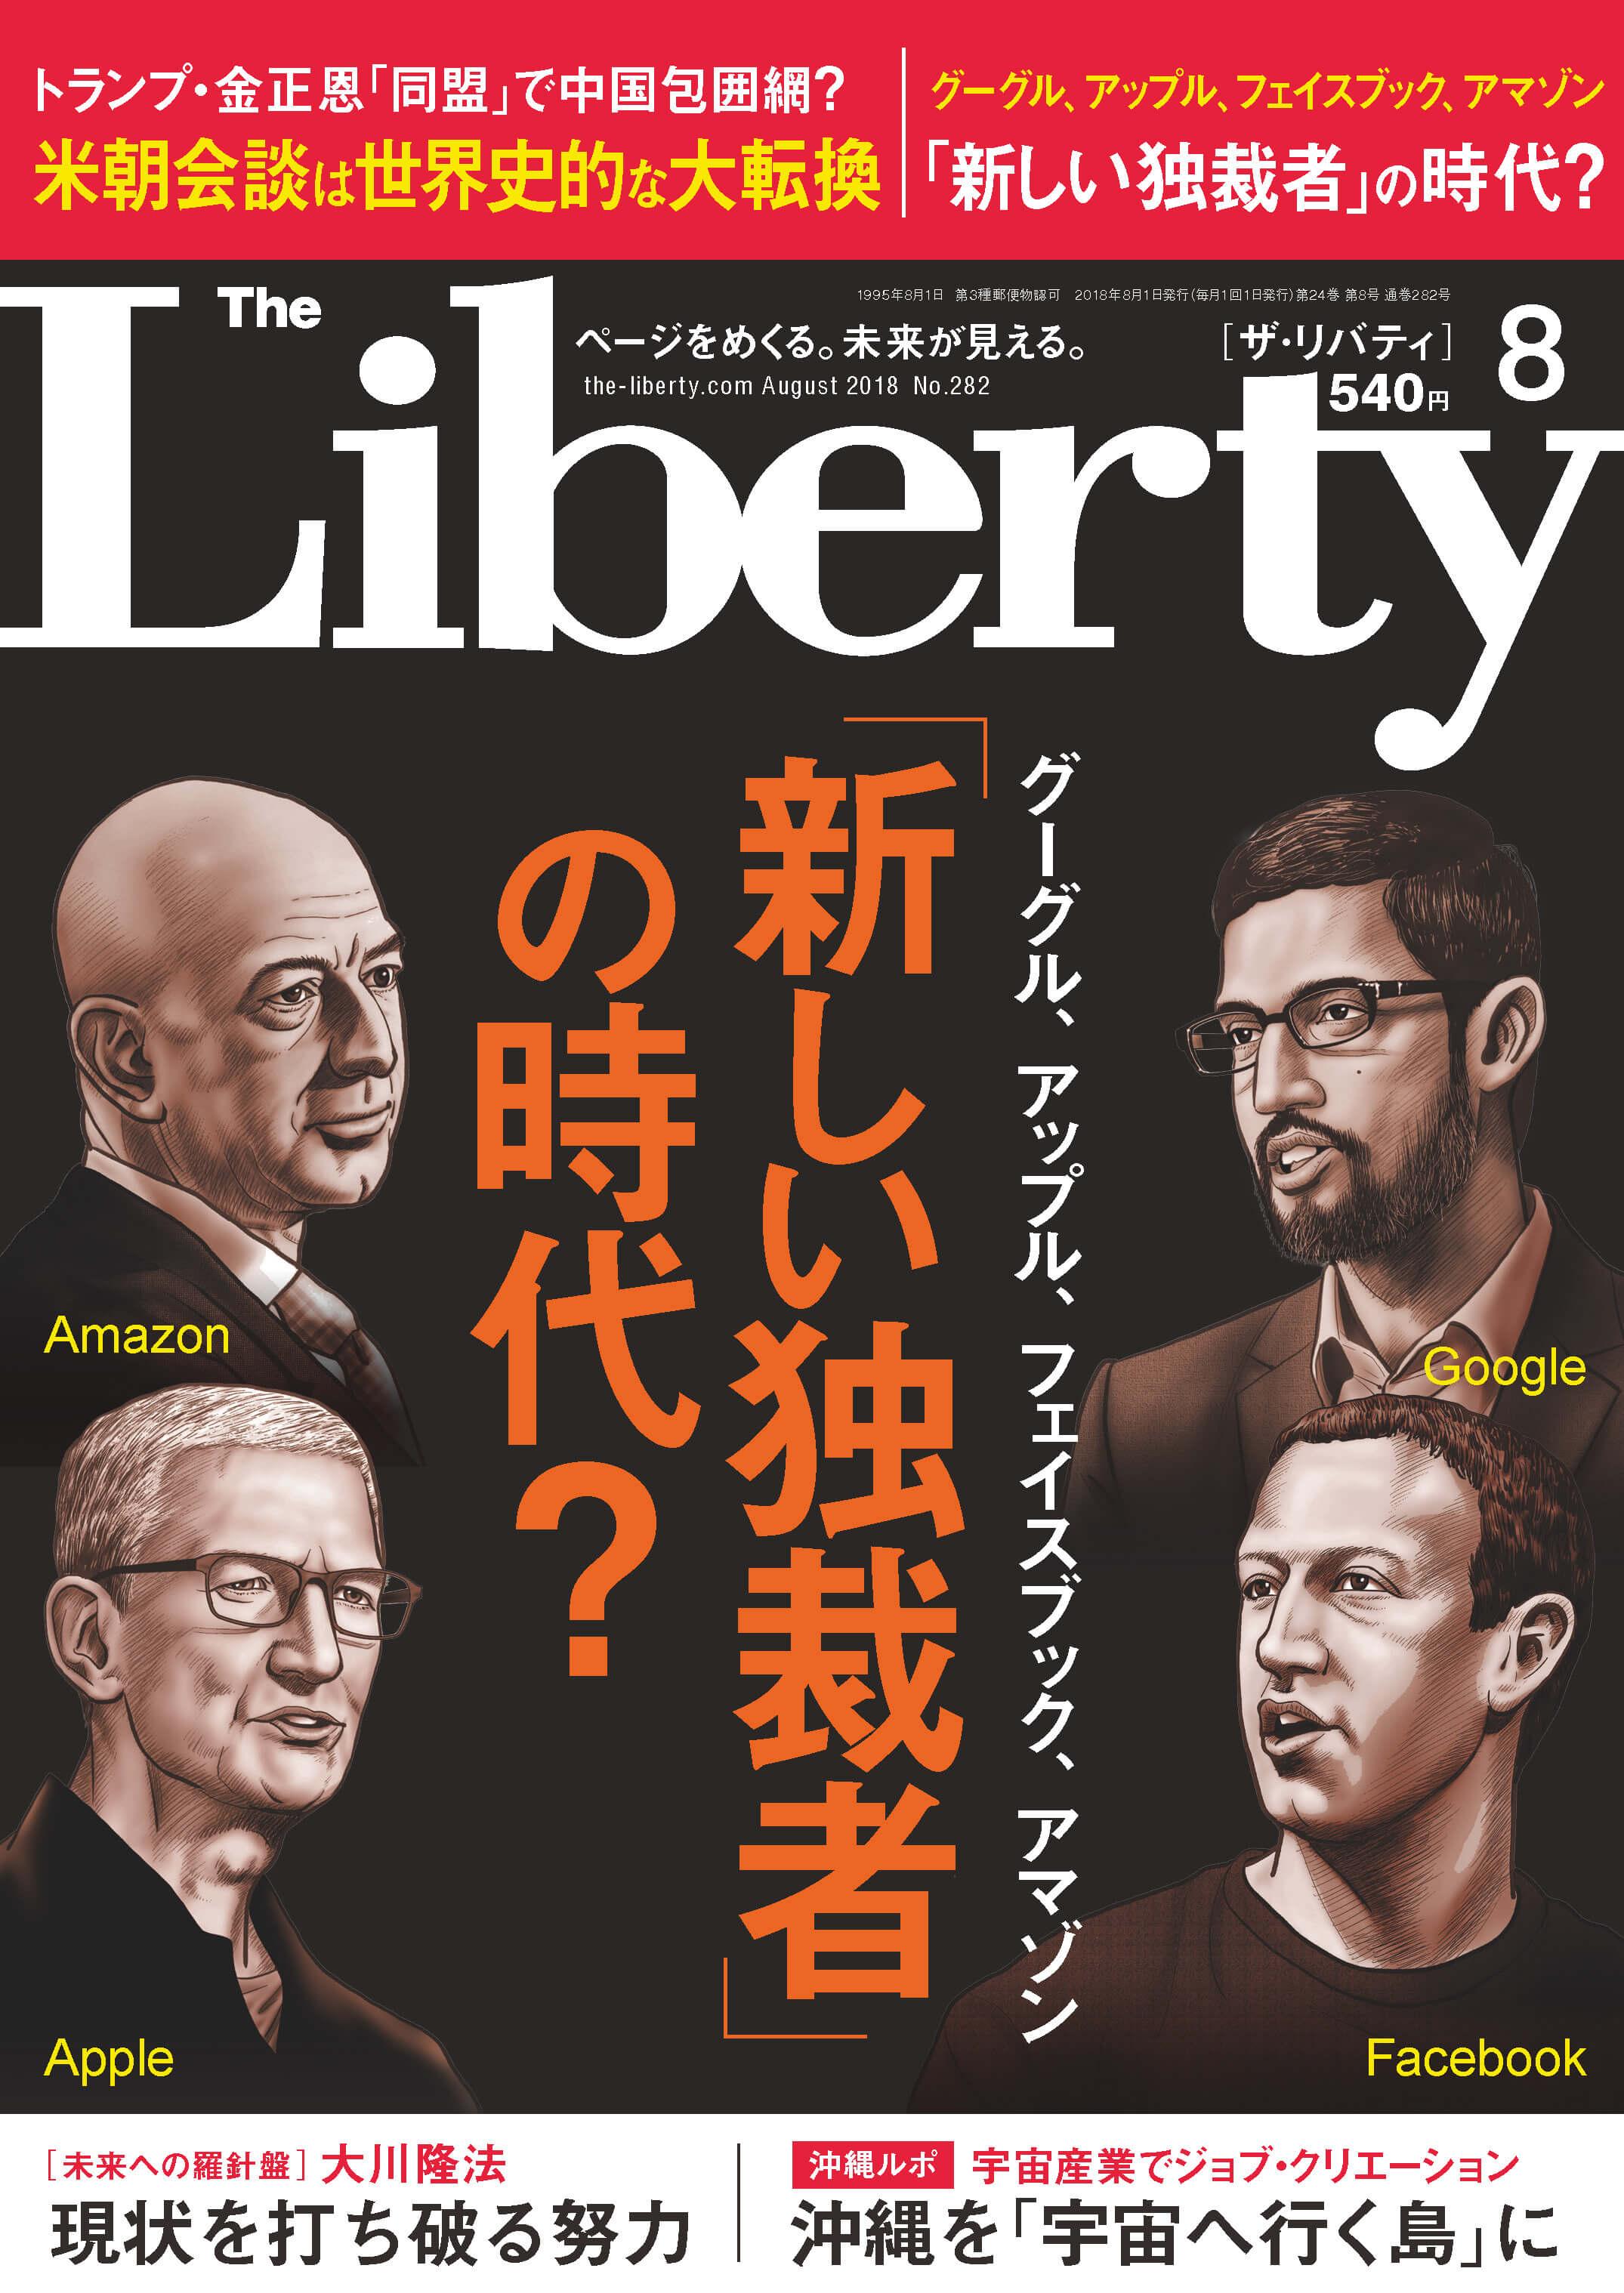 「ザ・リバティ」2018年8月号